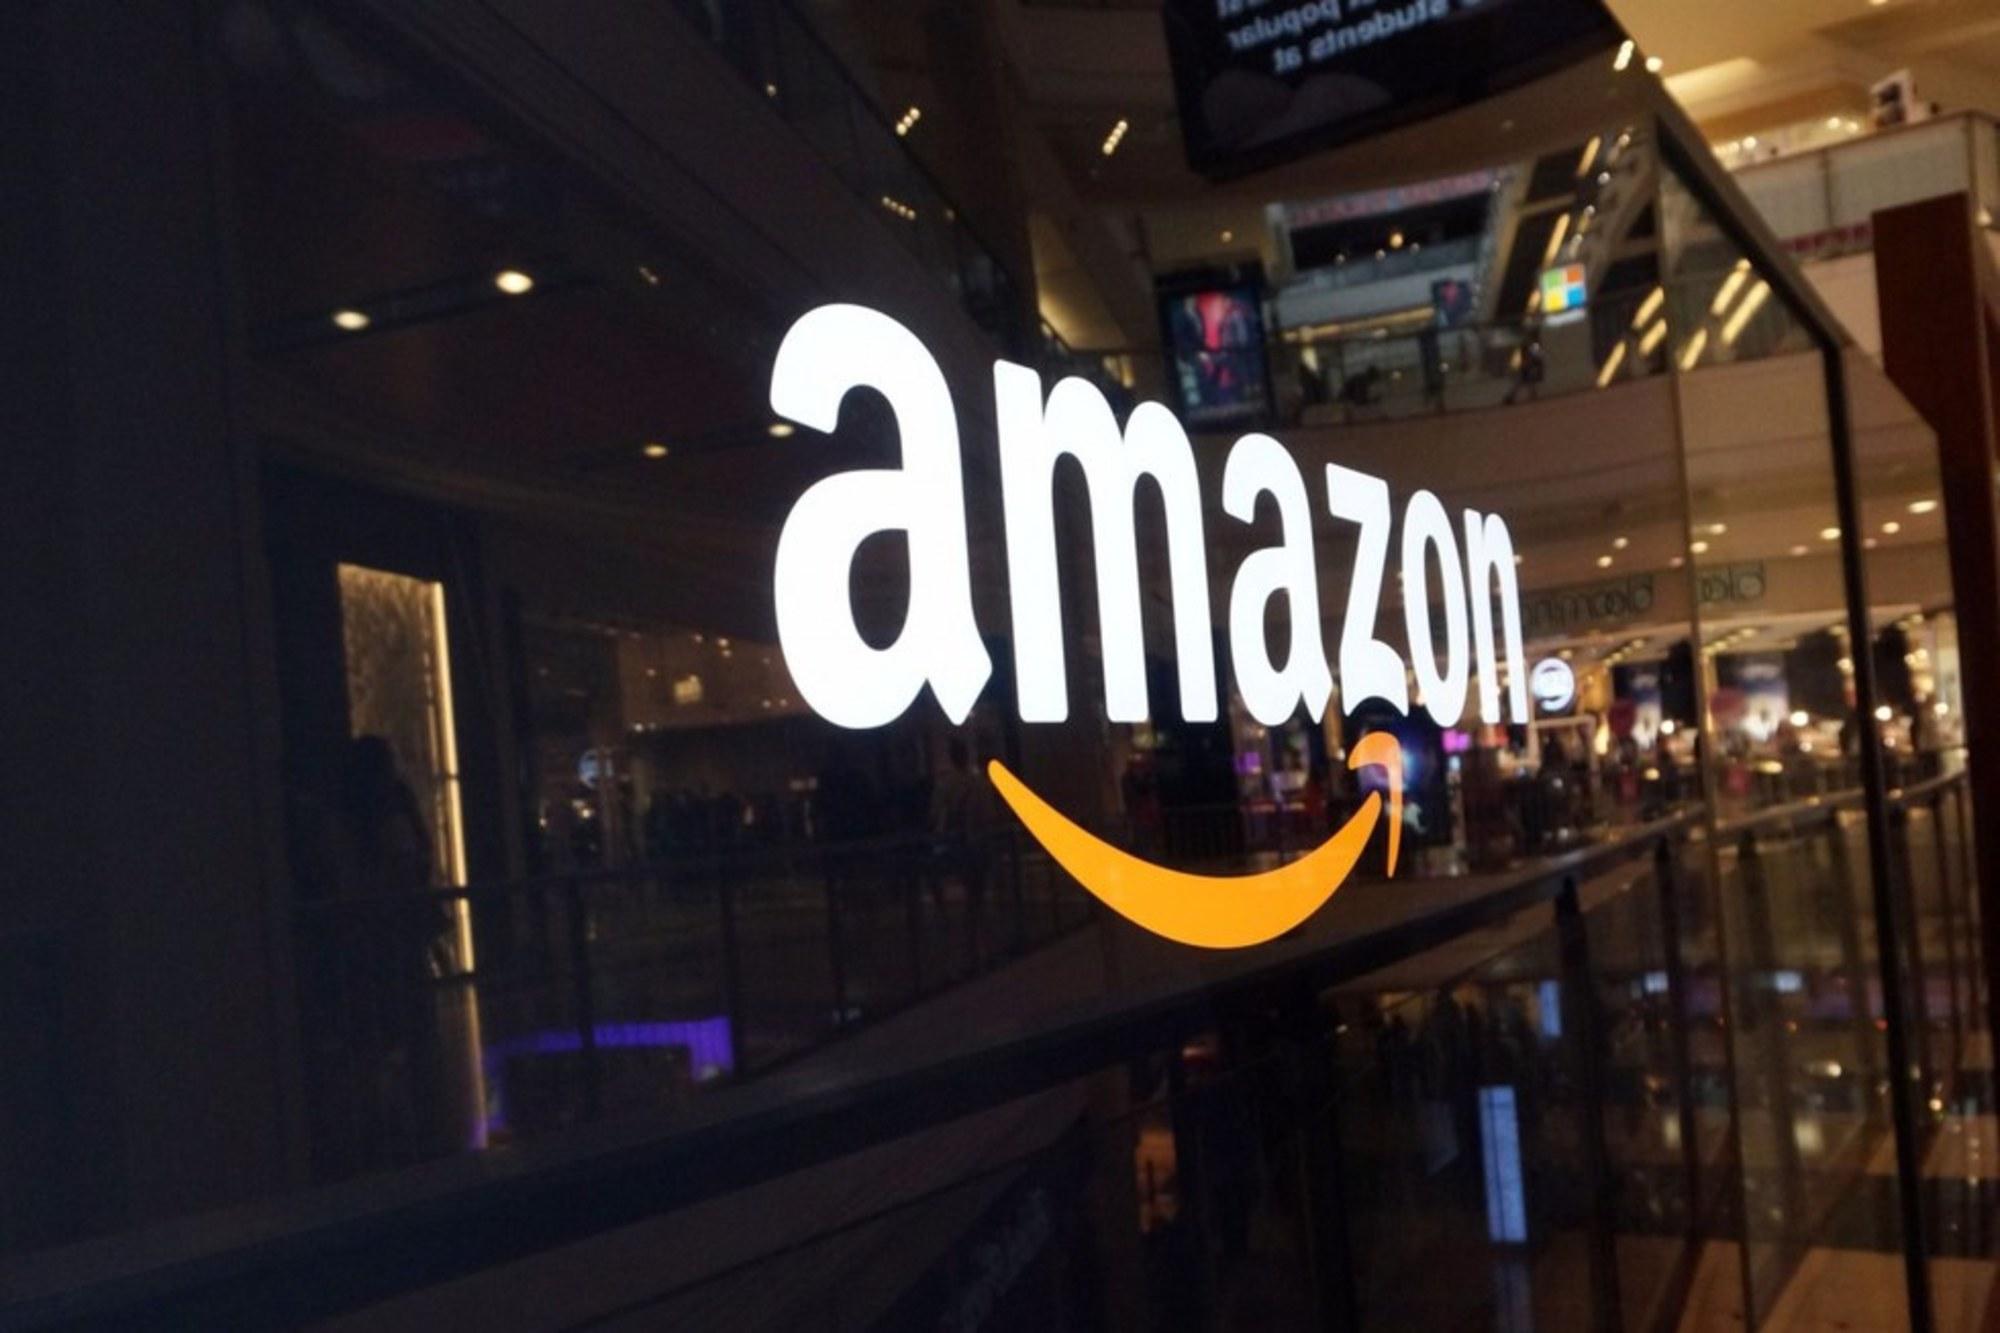 Интернет-гигант Amazon заплатил 0 долларов федеральных налогов за последние 2 года (Shoroh1)